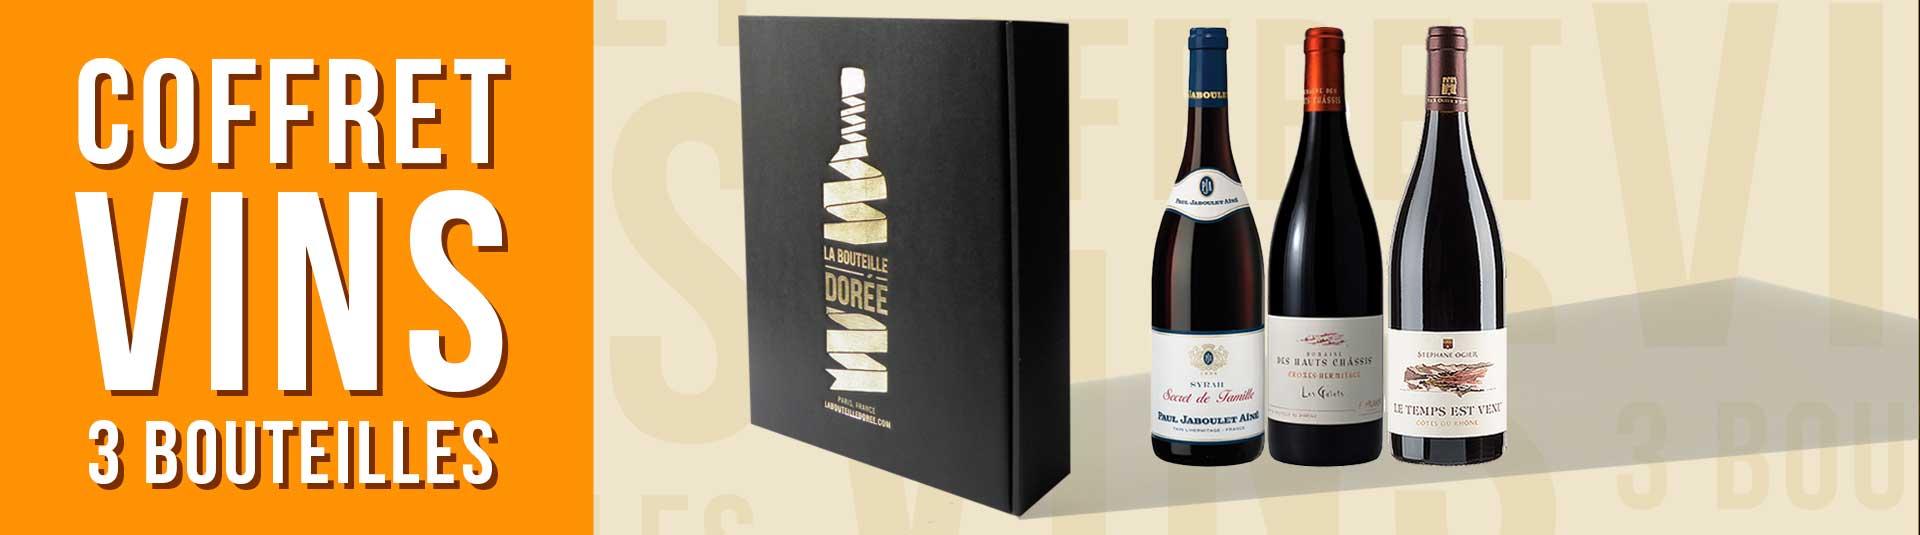 coffret vin rouge Rhône 3 bouteilles cépages Syrah et Grenache